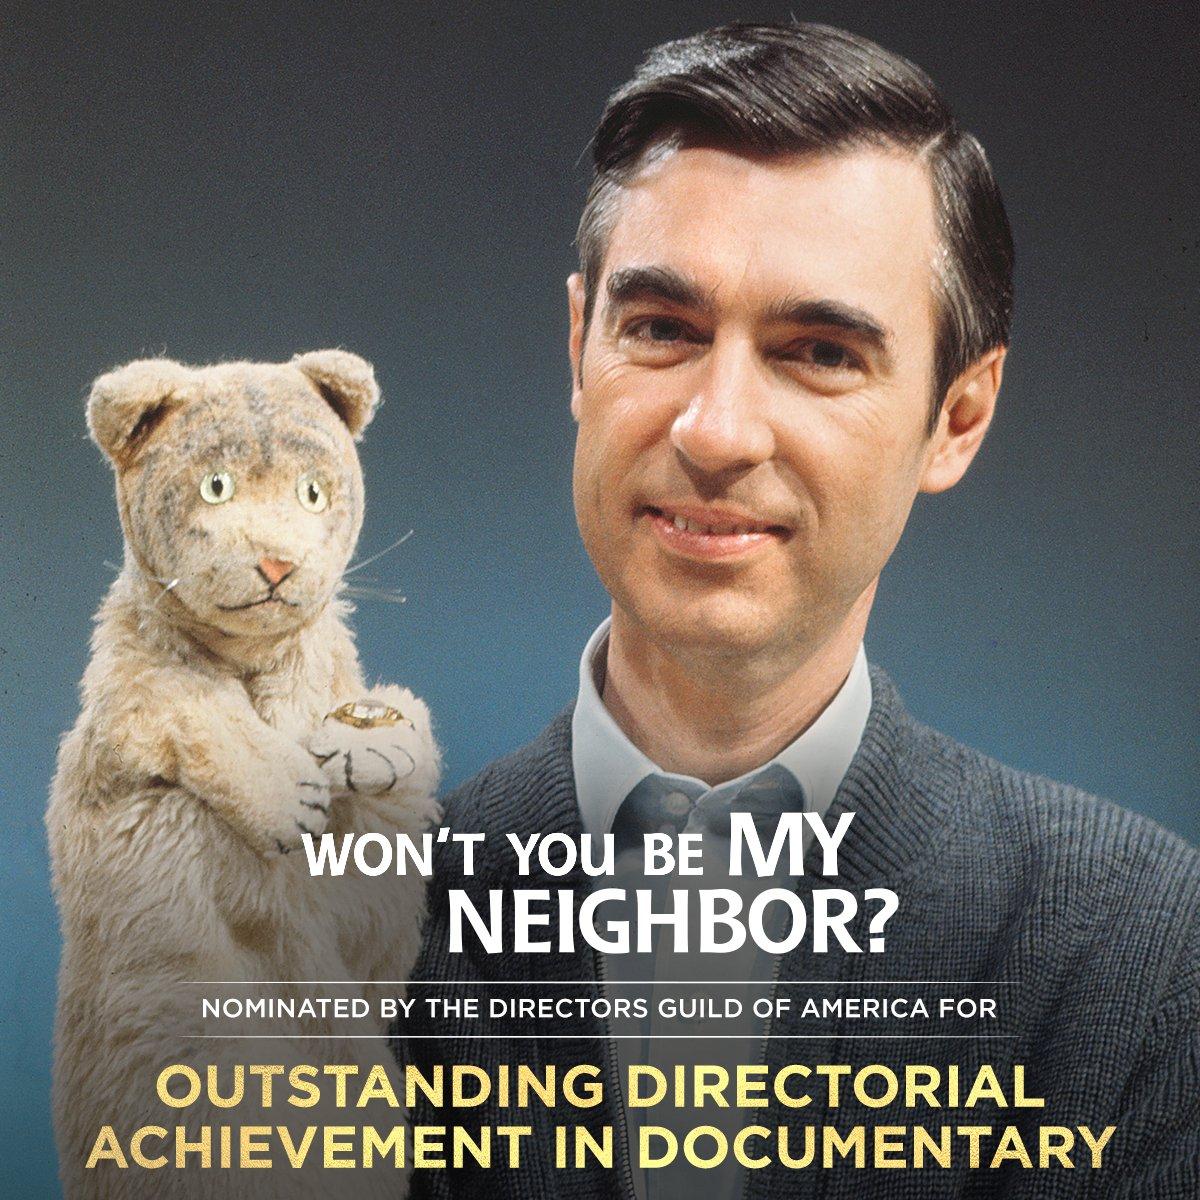 Congratulations to director Morgan Neville on his #DGAAward nomination! 👏